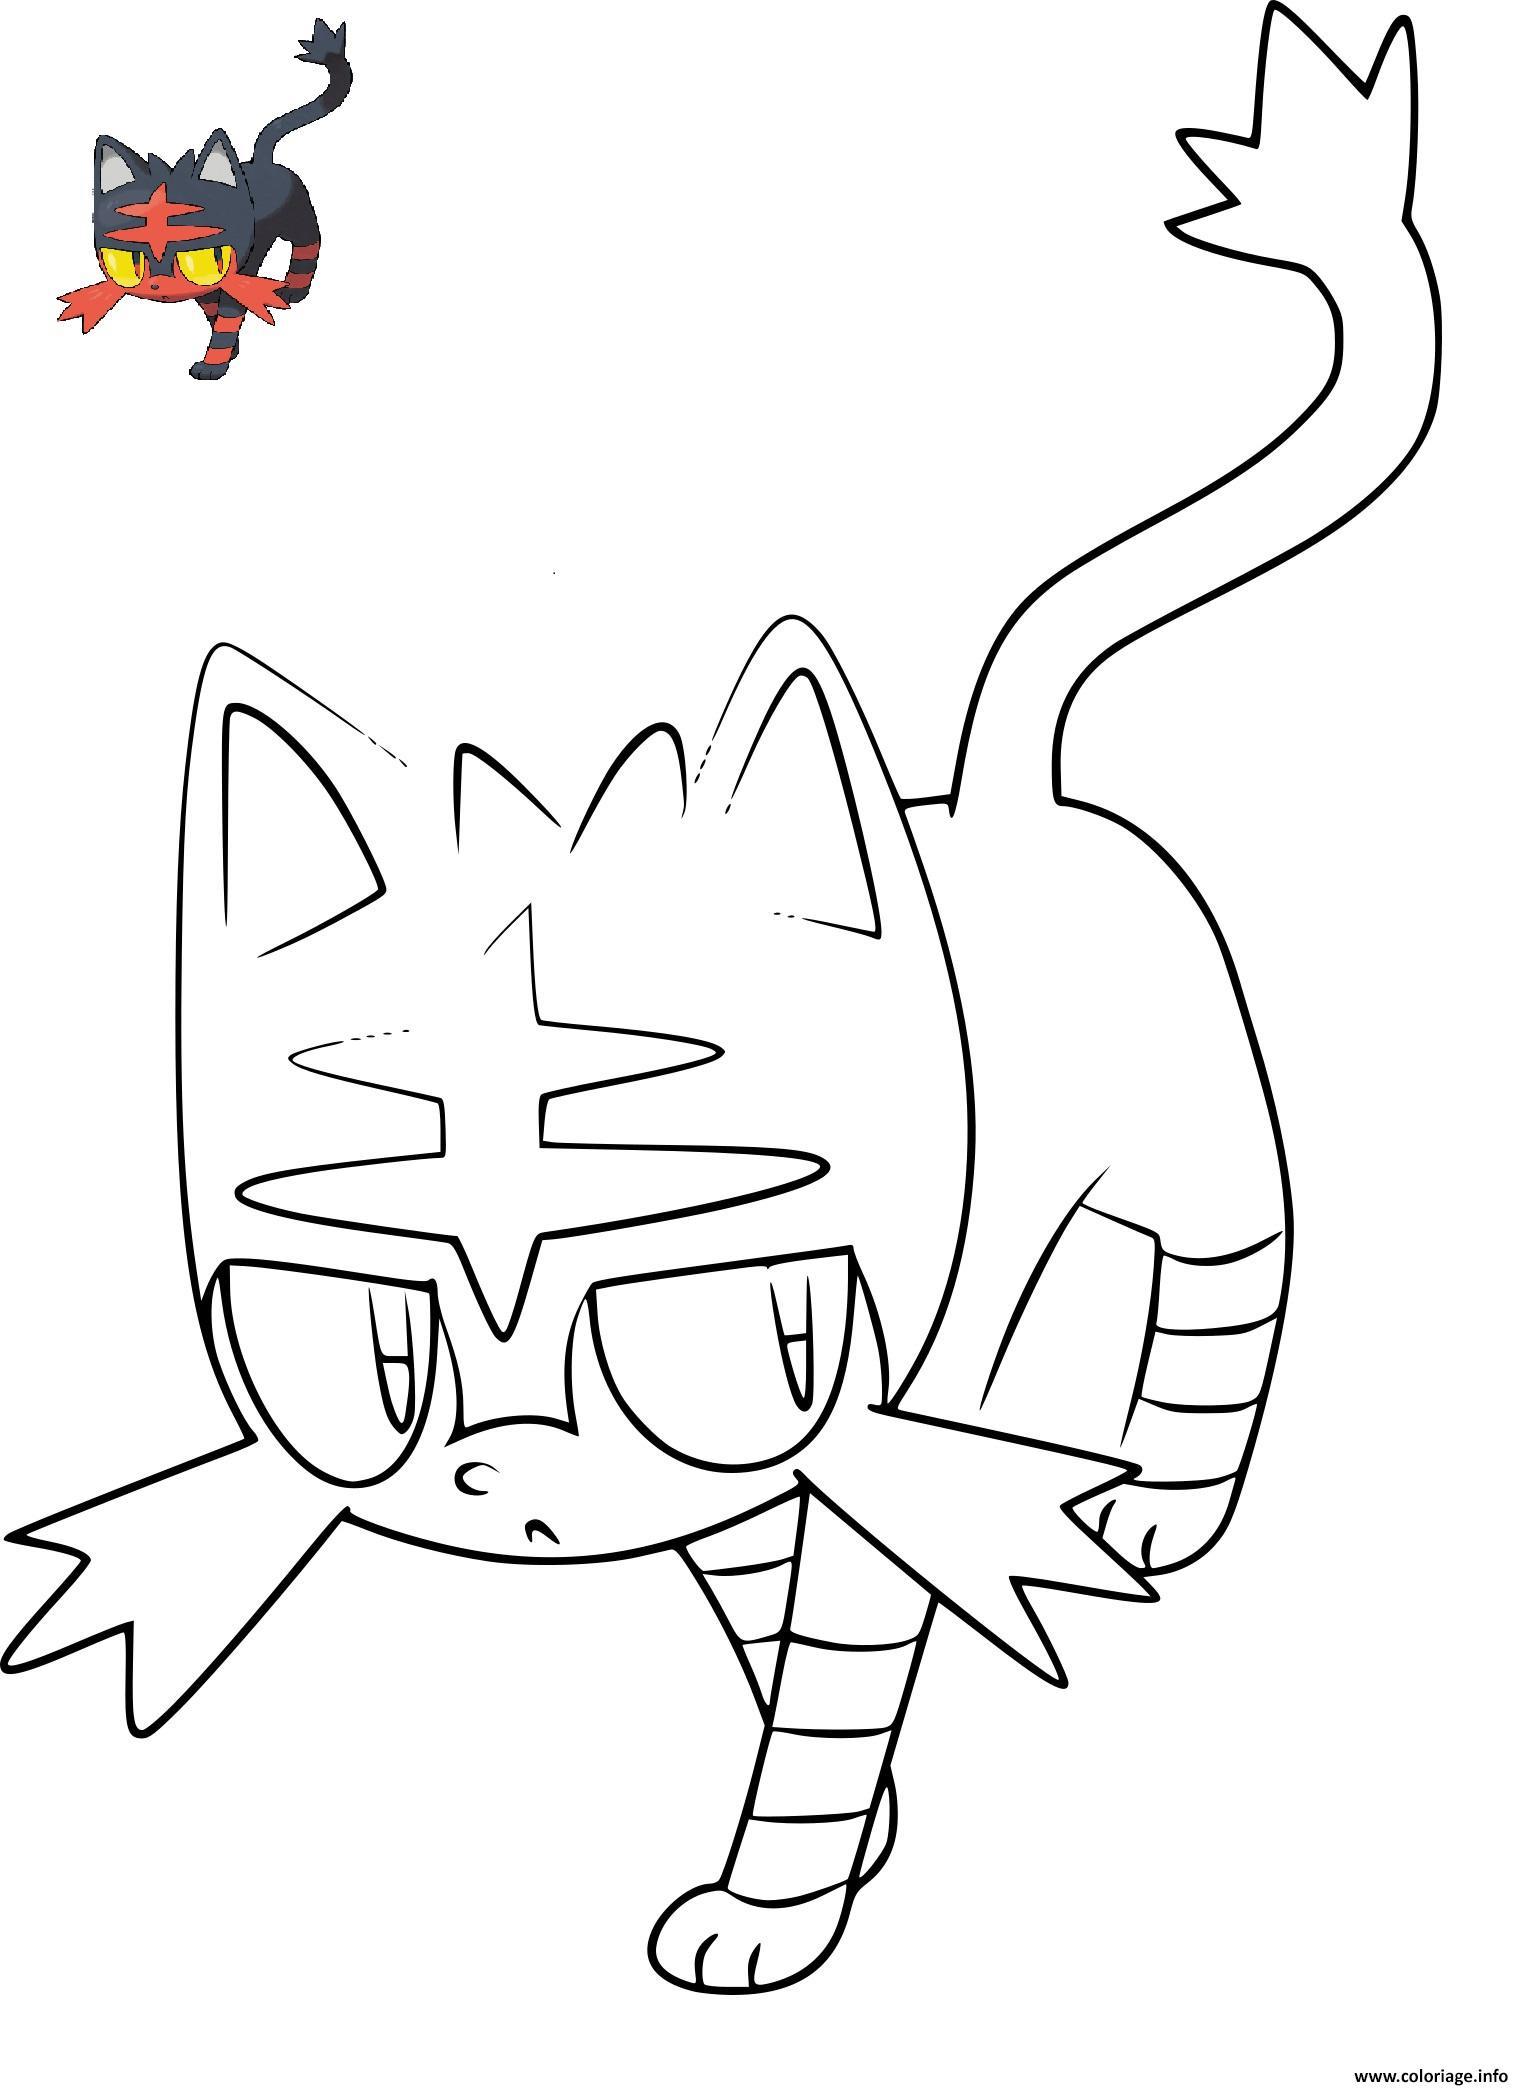 Coloriages À Imprimer : Pokemon, Numéro : 3486F56D serapportantà Imprimer Coloriage Pokemon